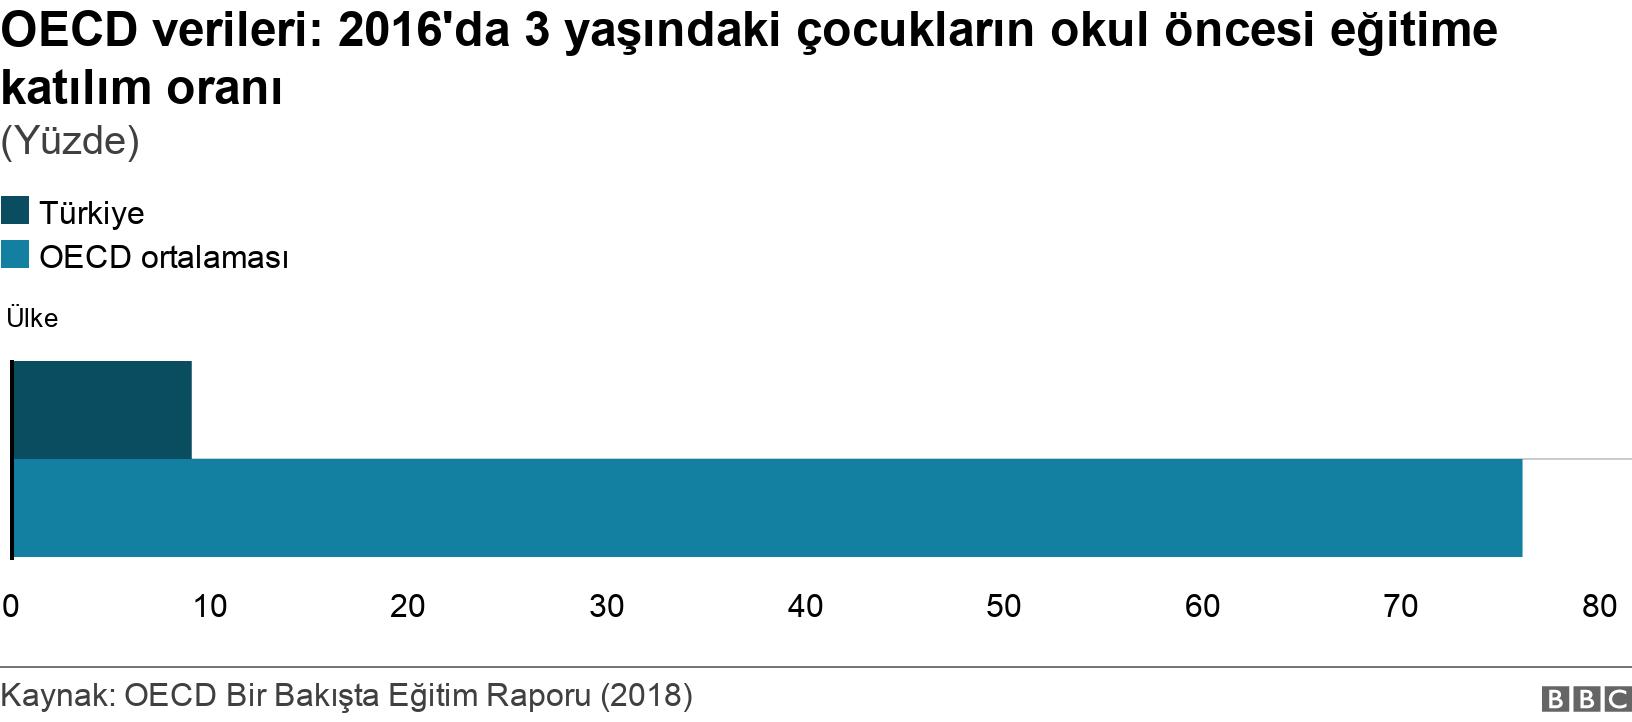 OECD verileri: 2016'da 3 yaşındaki çocukların okul öncesi eğitime katılım oranı . (Yüzde).  .